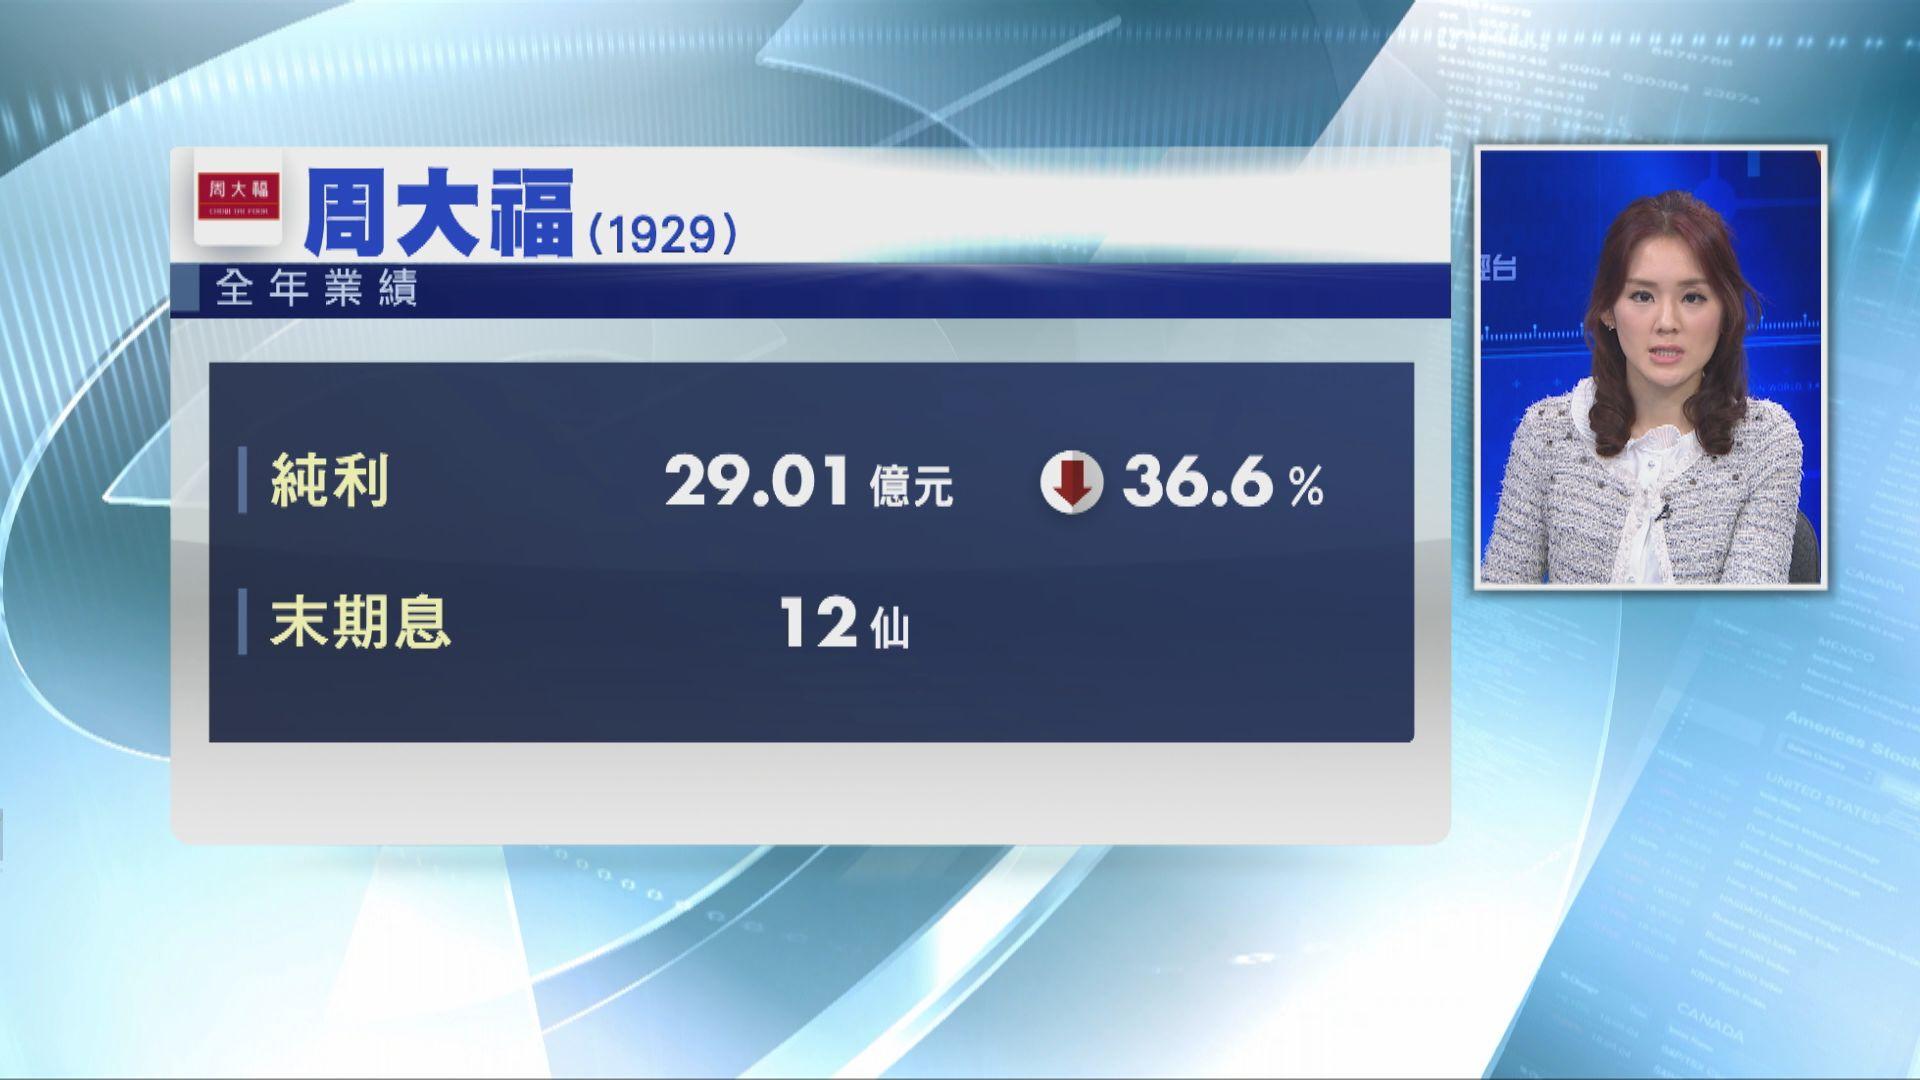 周大福去年少賺36% 中港同店銷售均下跌